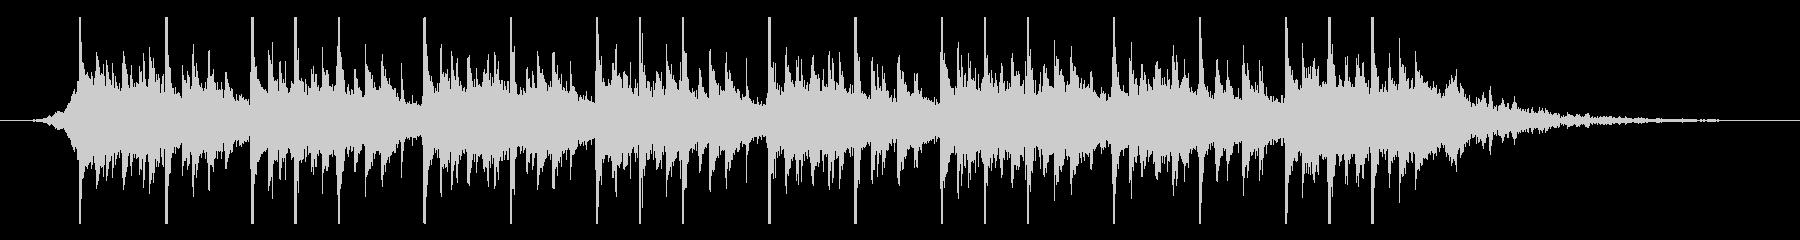 ラマダンバイラム(25秒)の未再生の波形